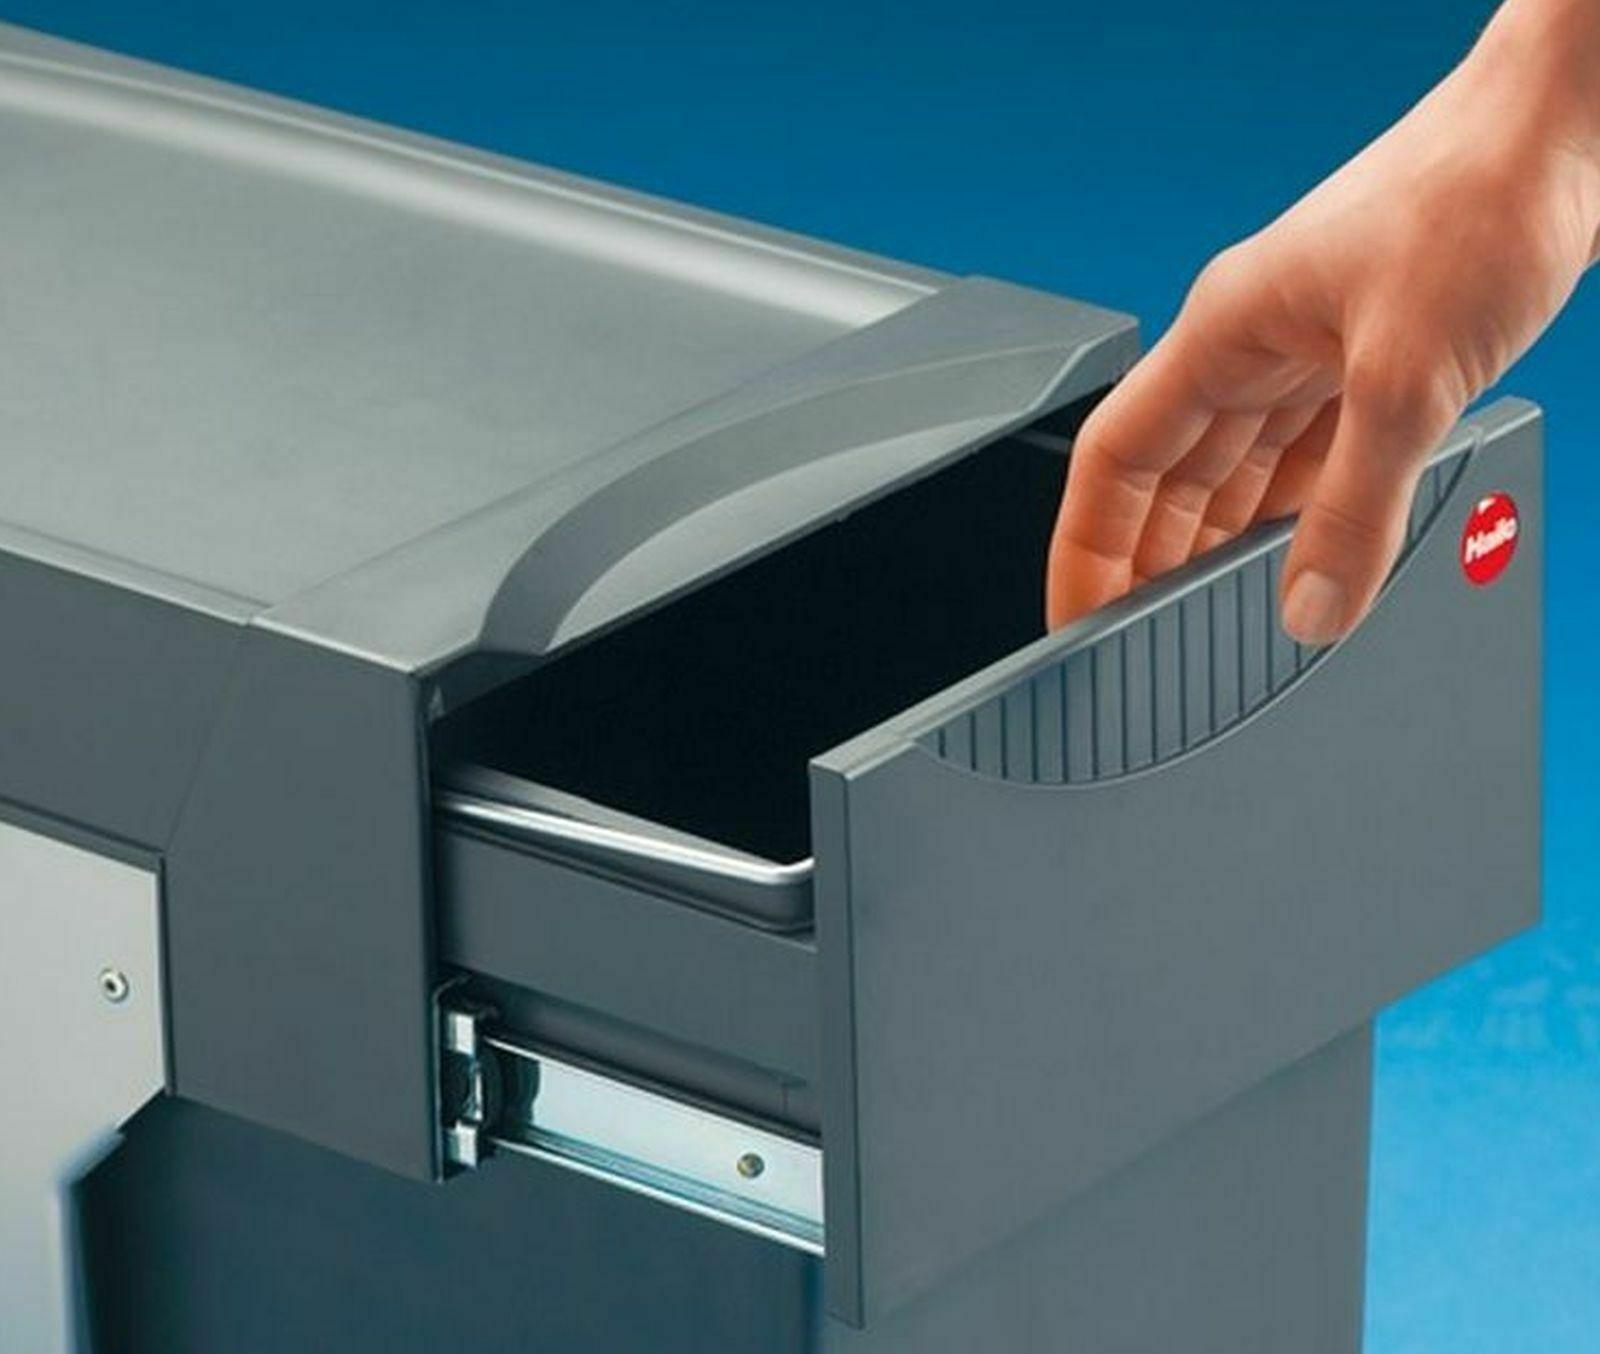 Mülleimer Küche Hailo Müllsystem Mülltrennung 1x15, 2x7 Liter Bioeimer *43656